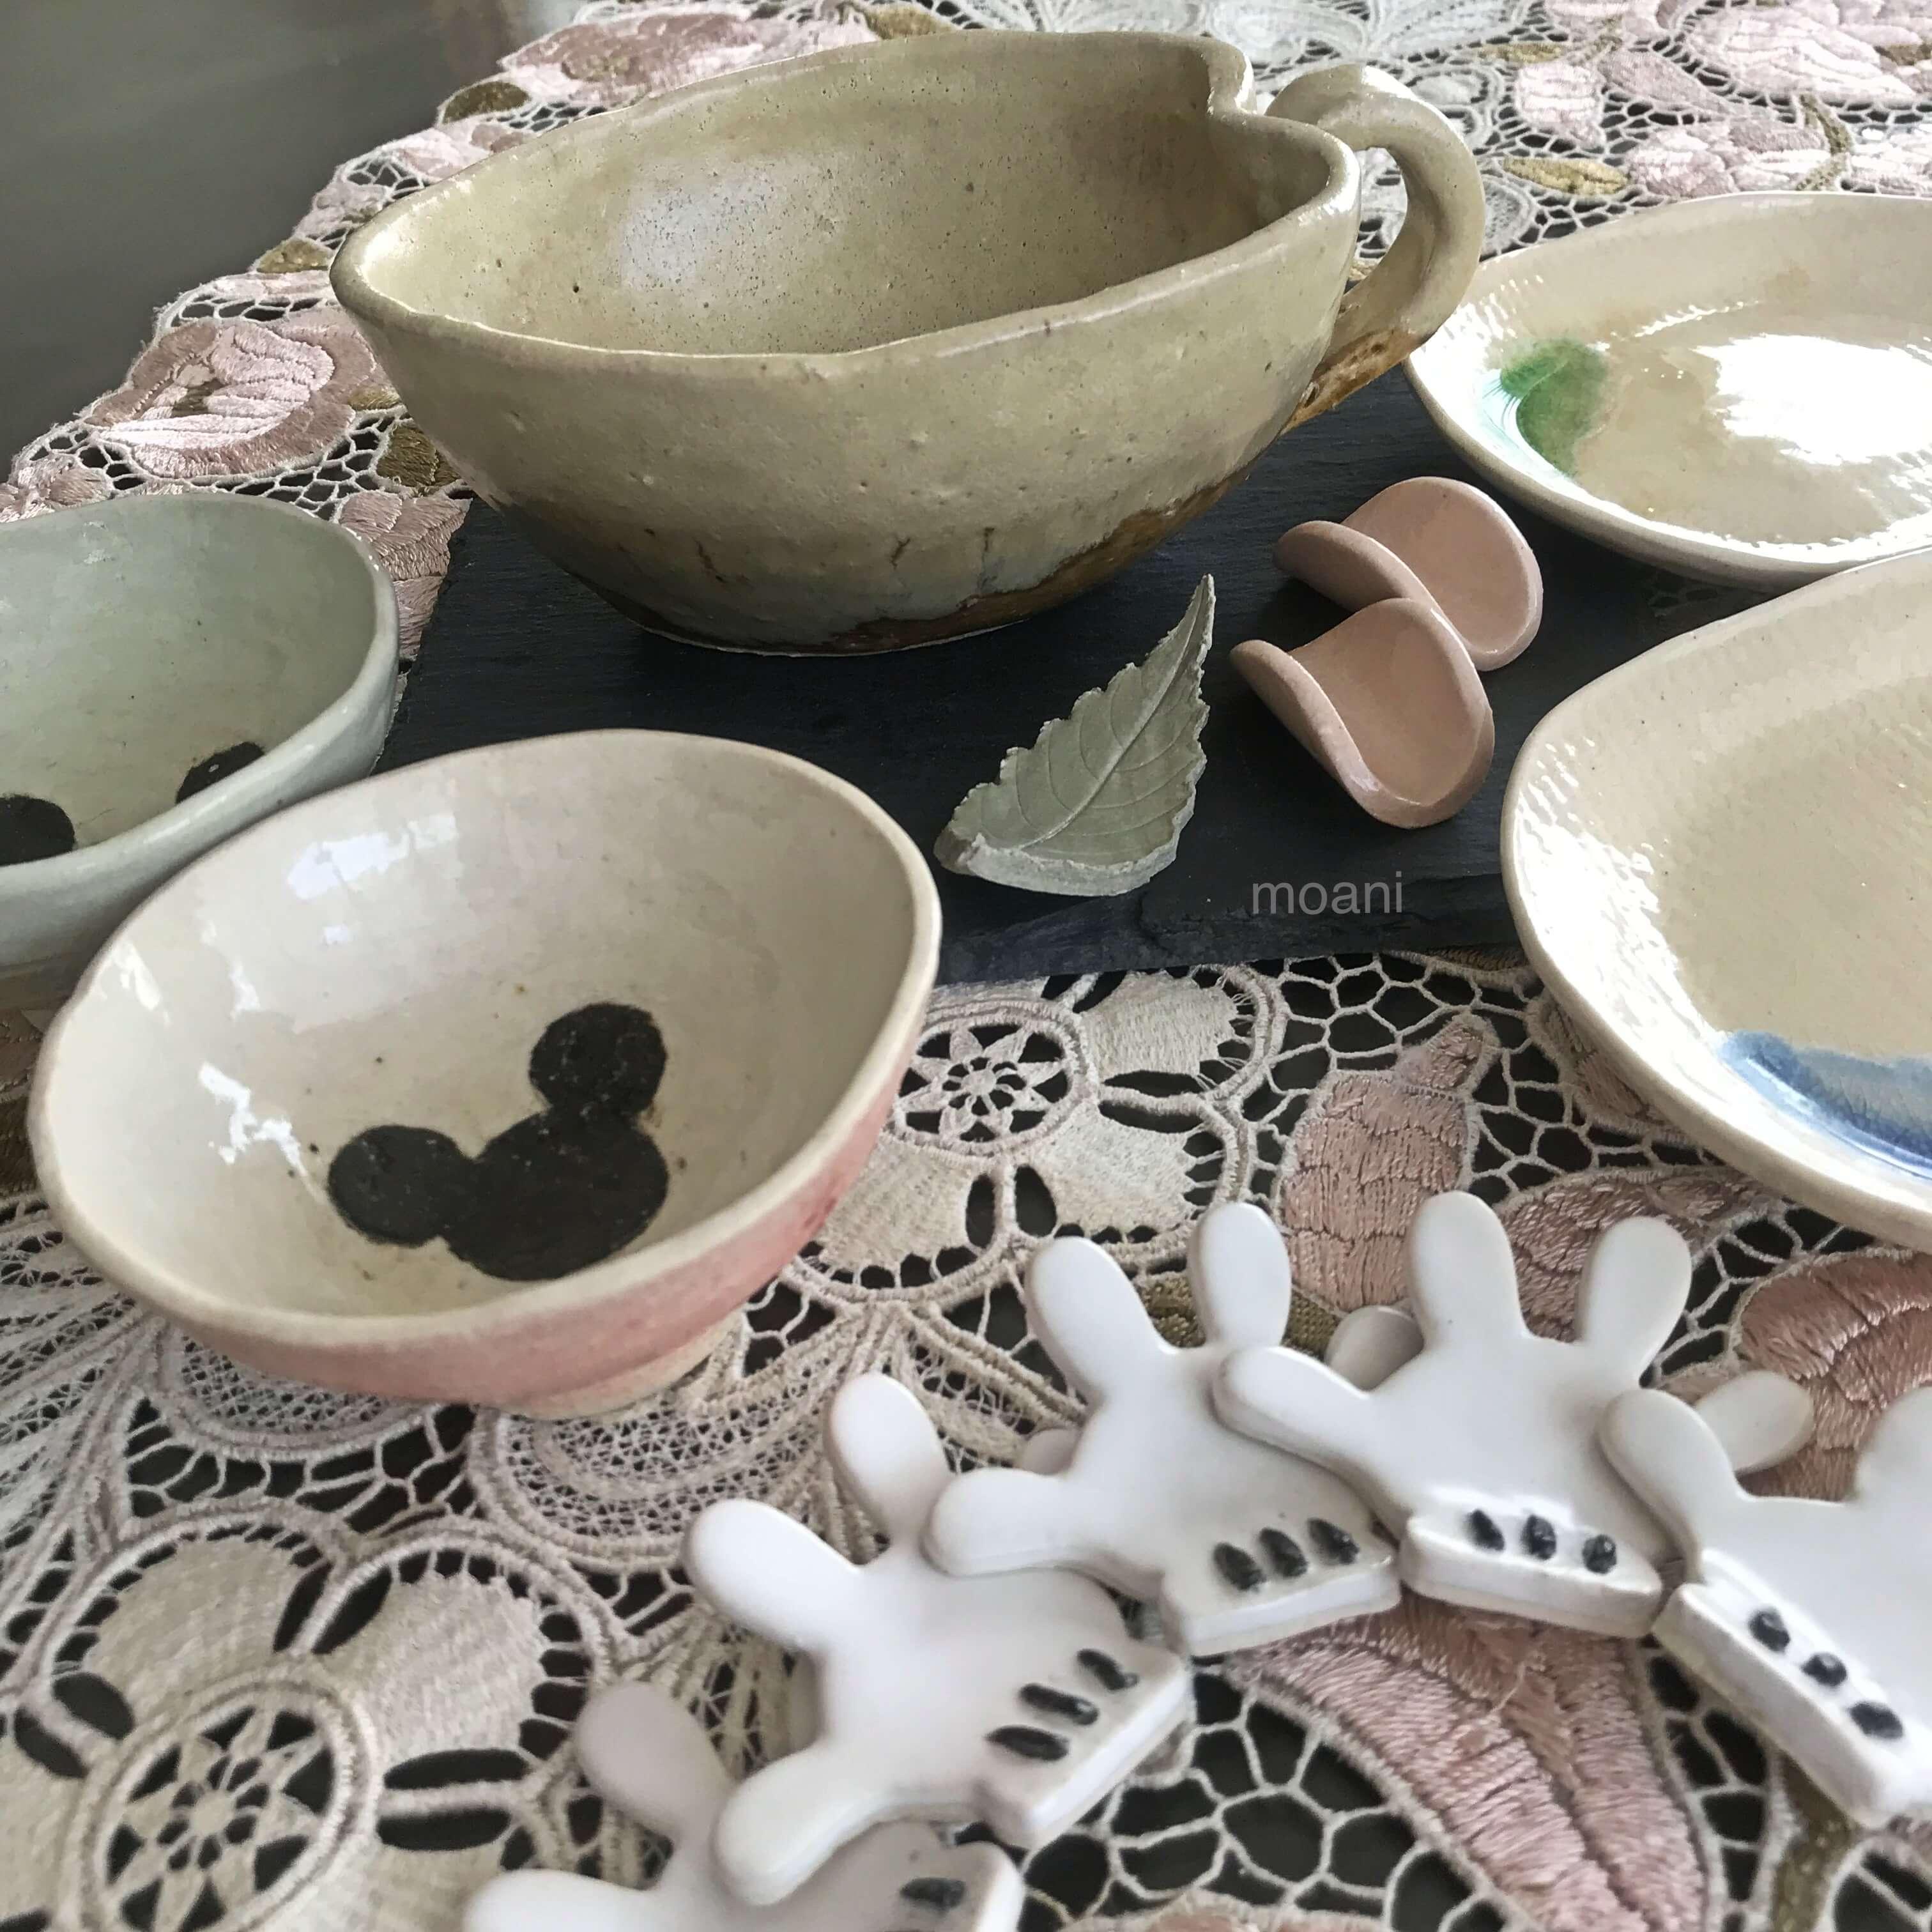 40代女性やってみたい趣味の一つ陶芸